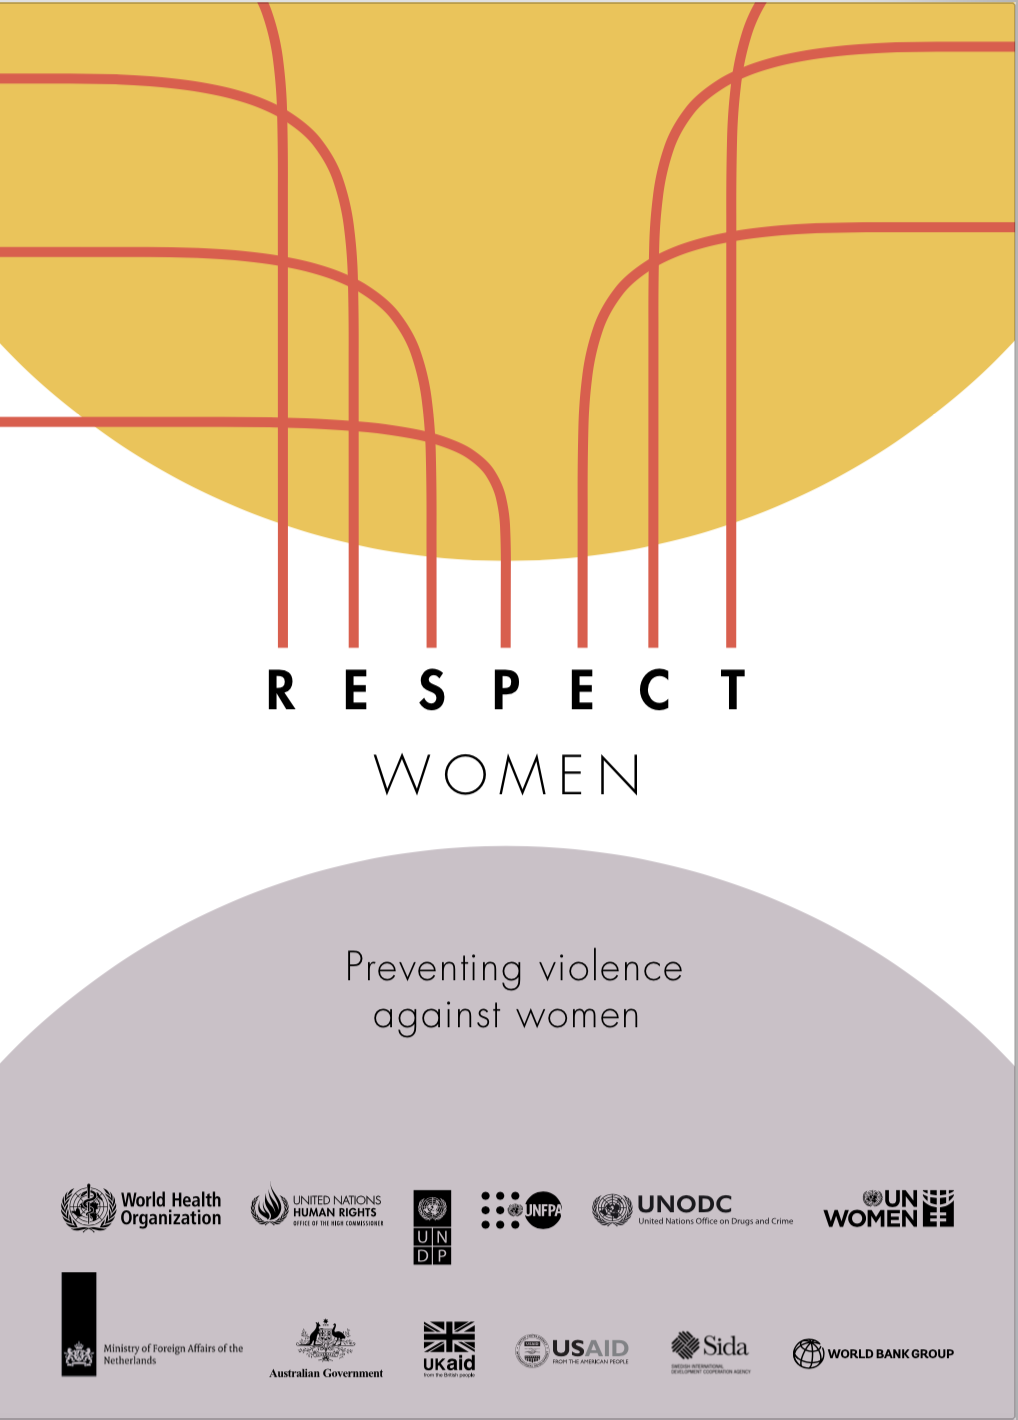 RESPECT women: A framework for preventing violence against women